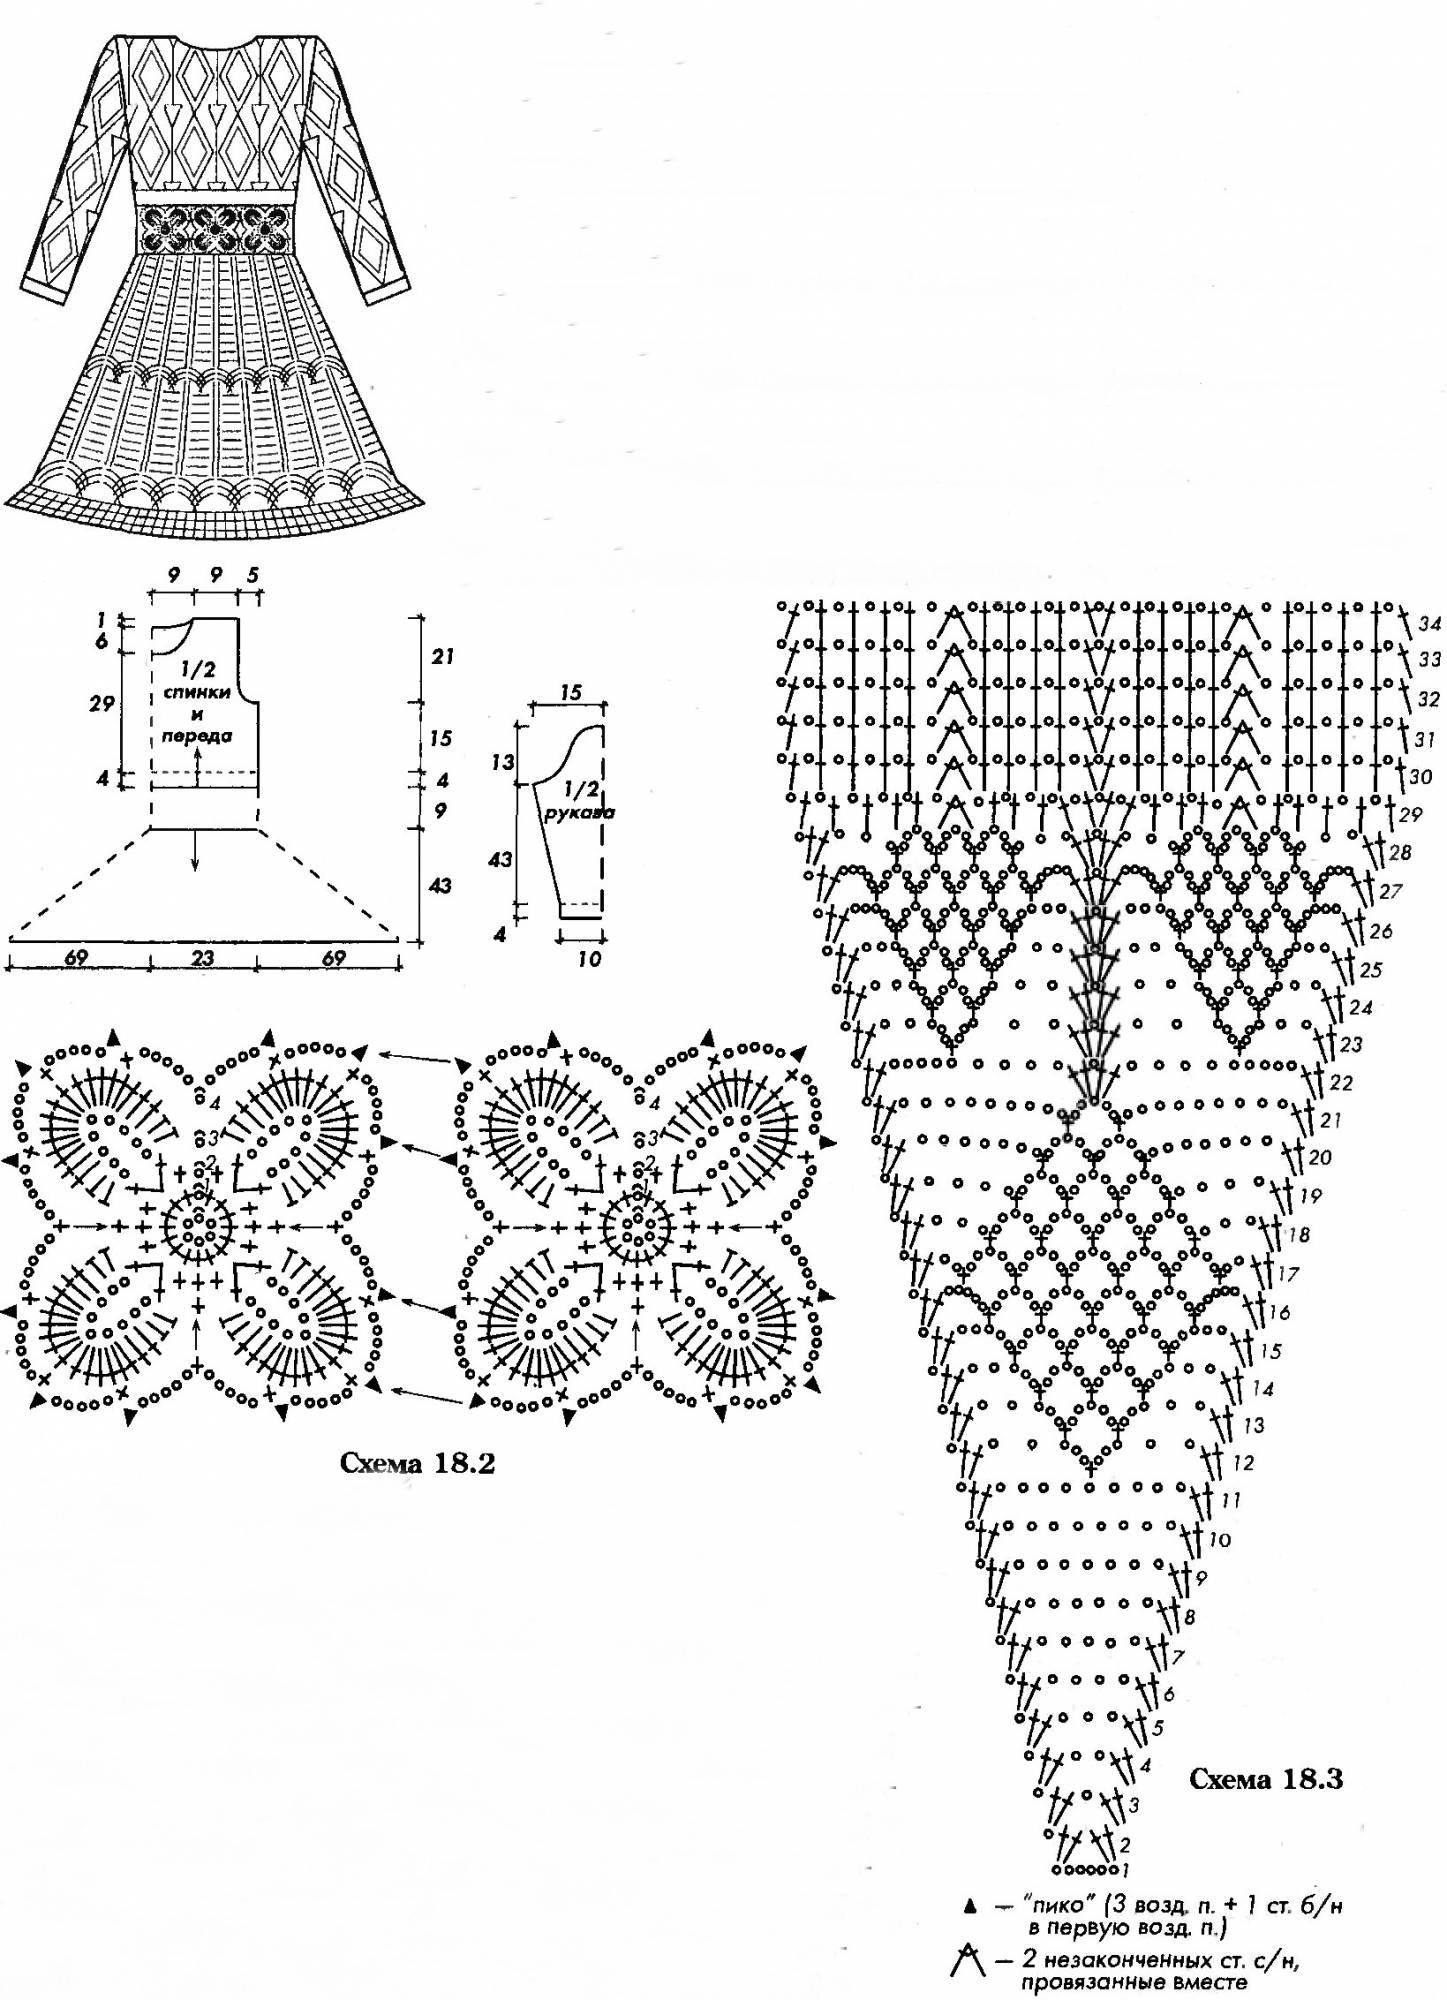 ажурные блузки крючком схемы и описание фото